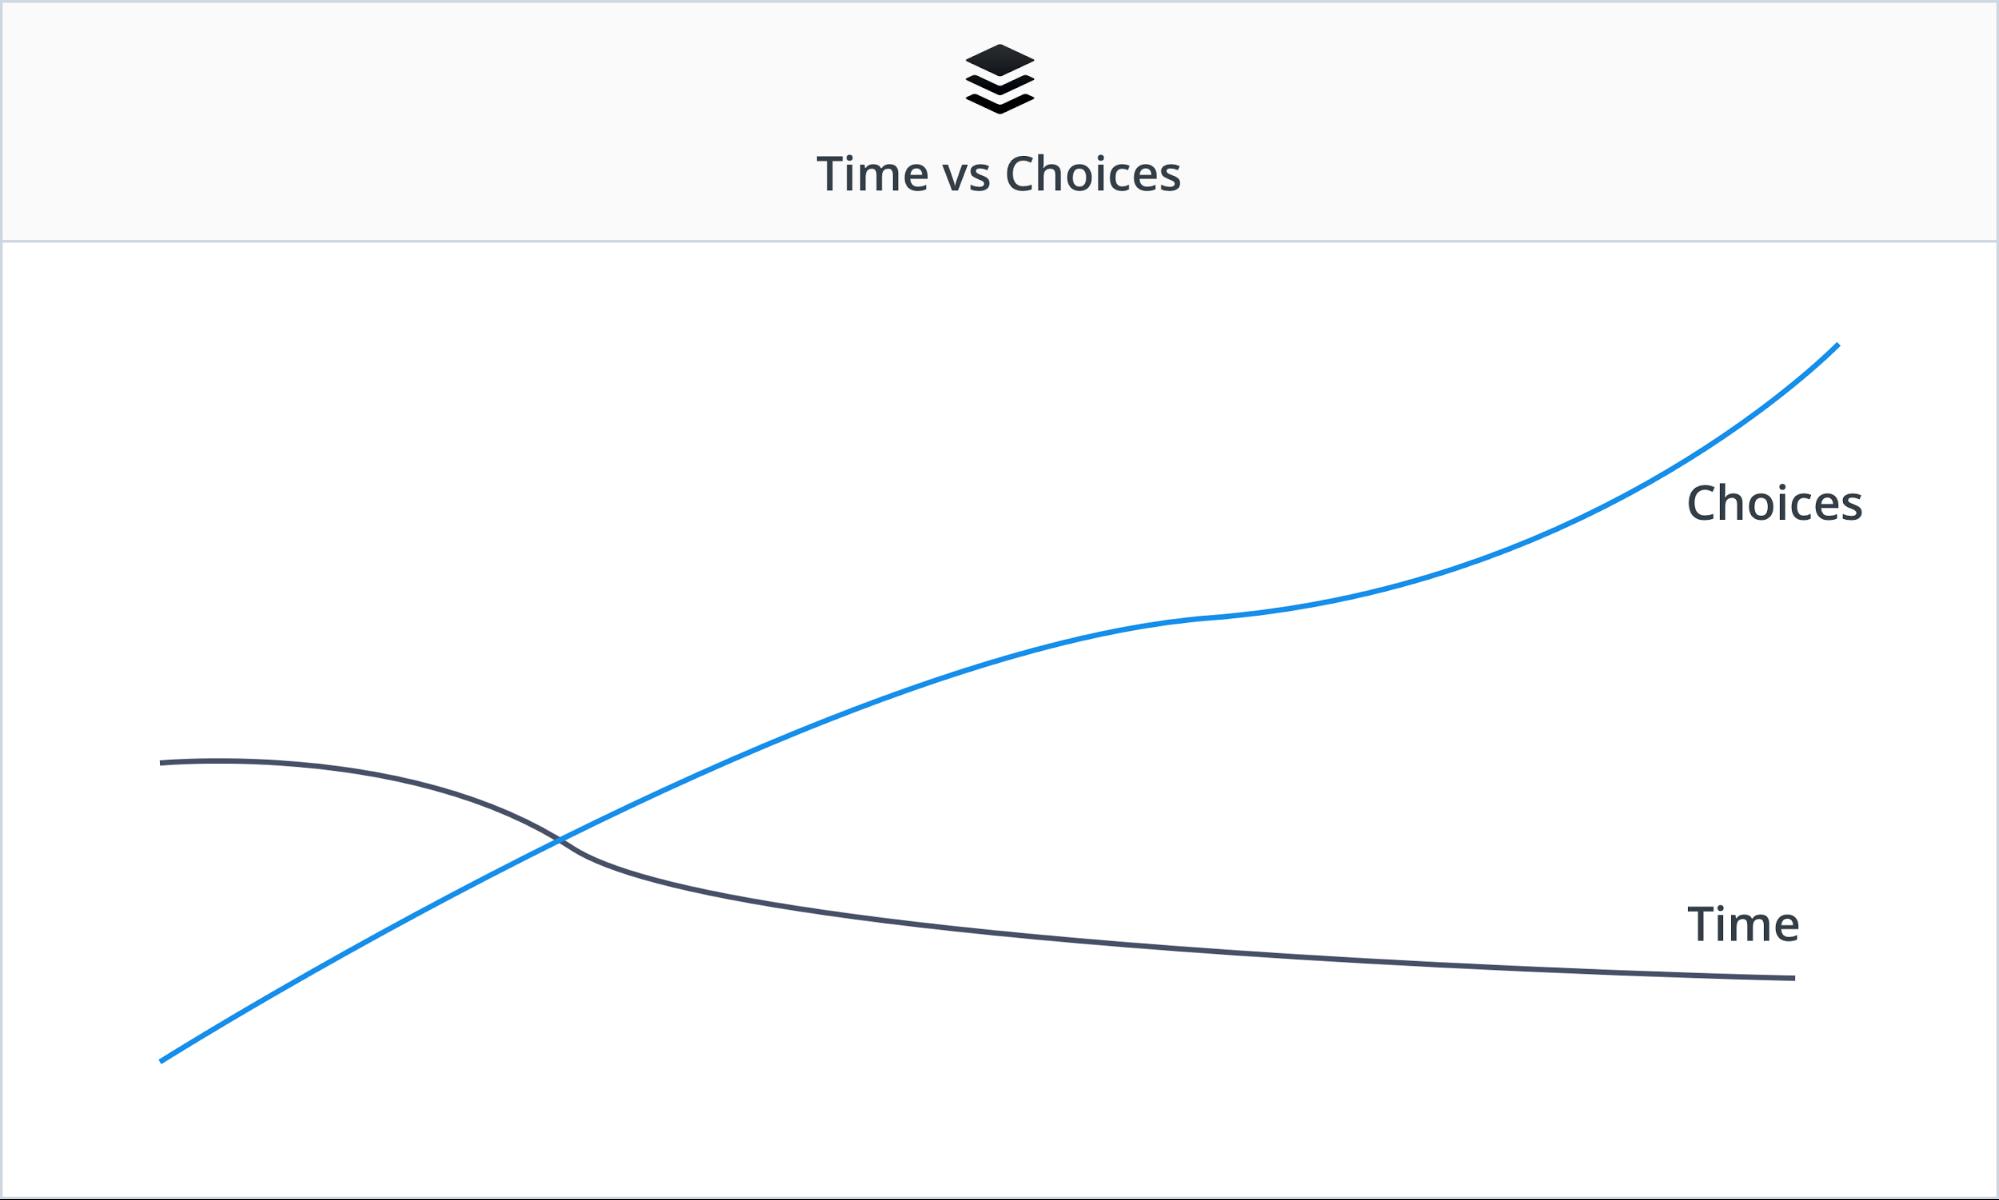 рост числа возможностей выбора